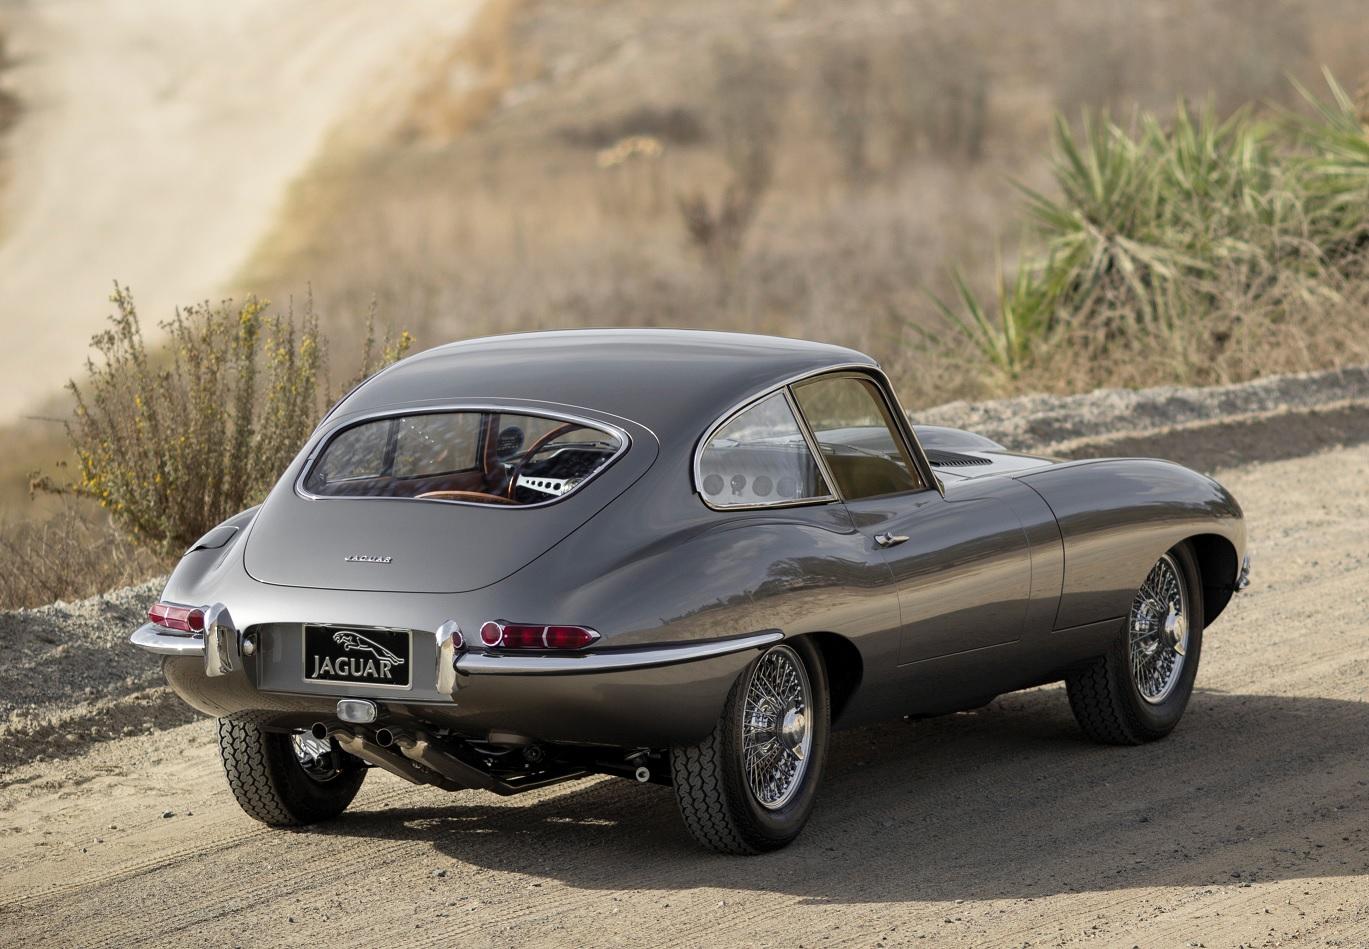 jaguar e type coupe cinza traseira